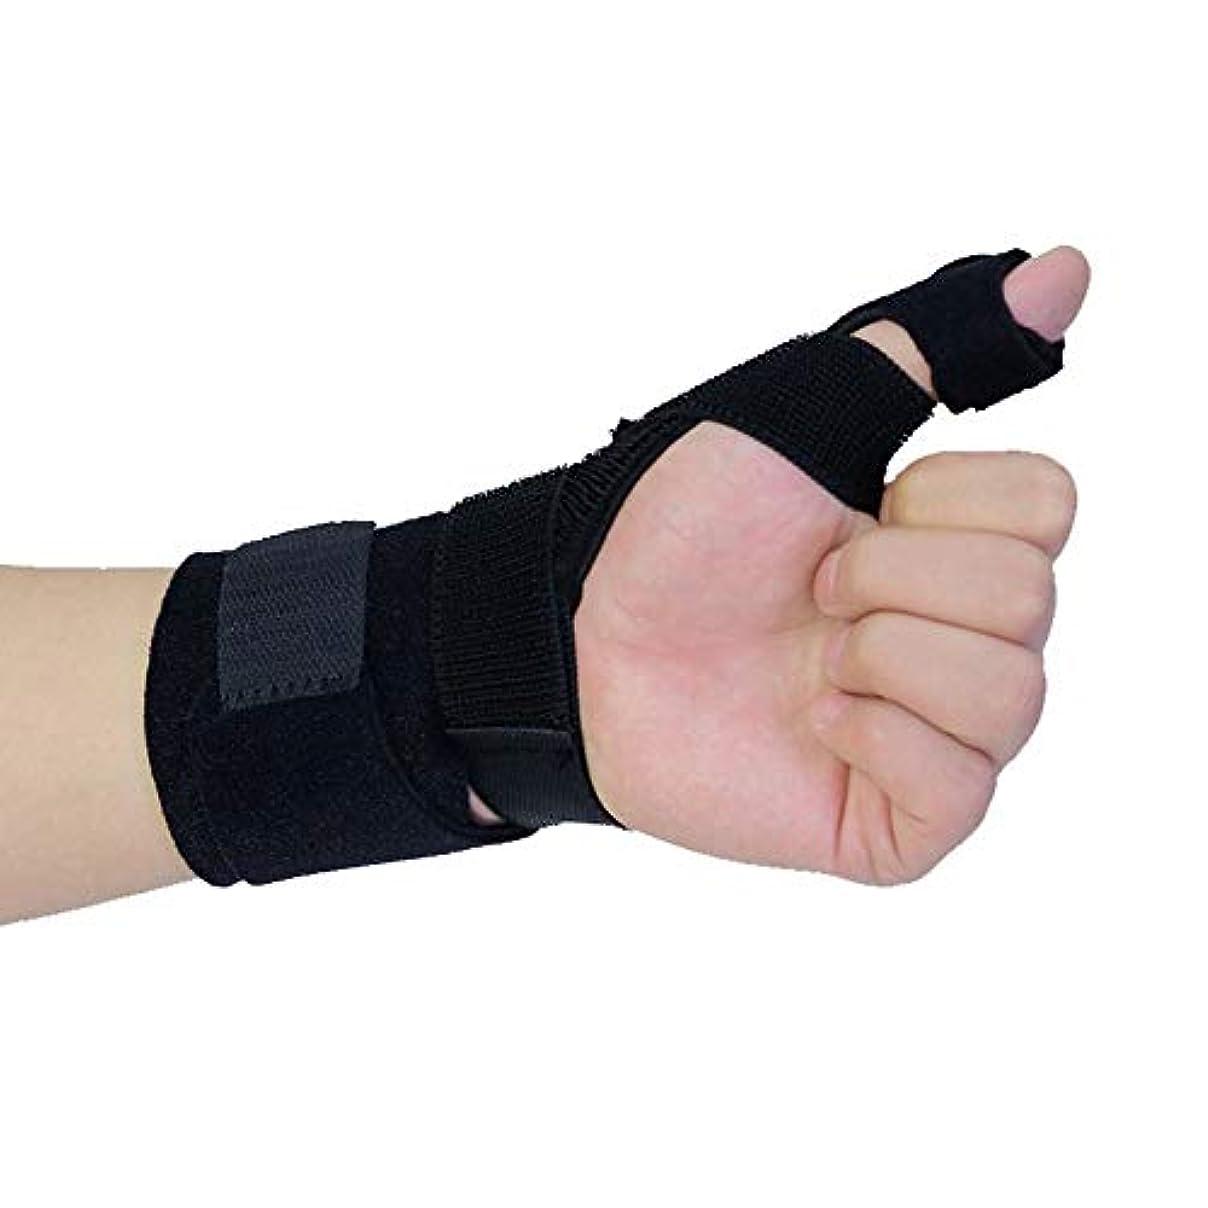 重要性光景到着する親指ブレース、関節炎、腱炎、手根管の痛みの軽減、軽量で 調節可能なサイズに適した調節可能なプロテクター